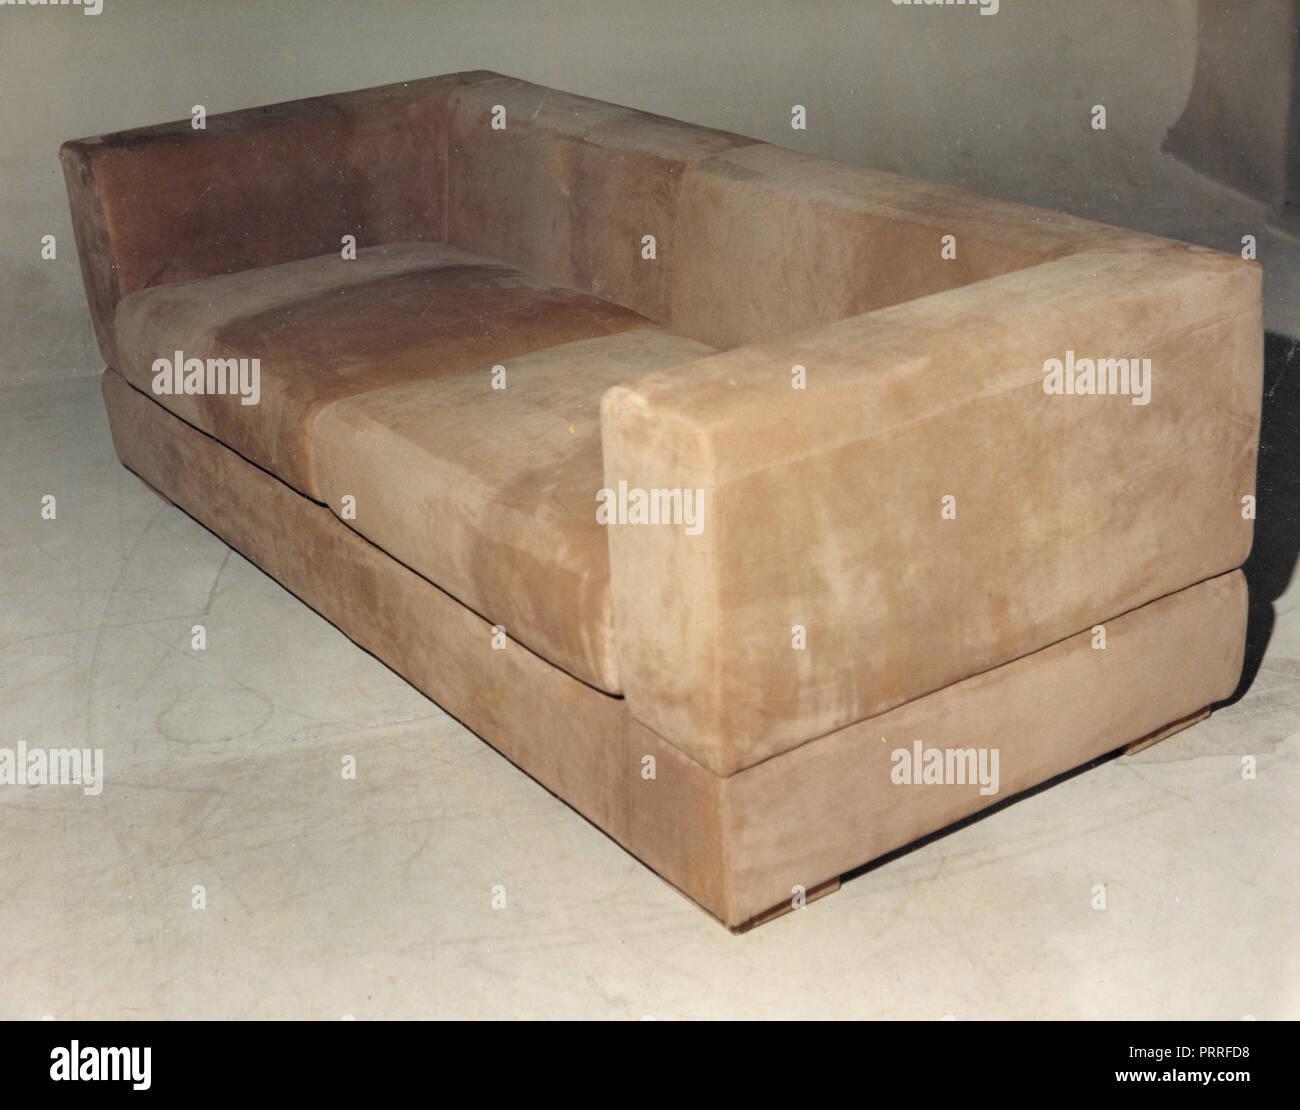 Sofa alcantara, 1990s - Stock Image